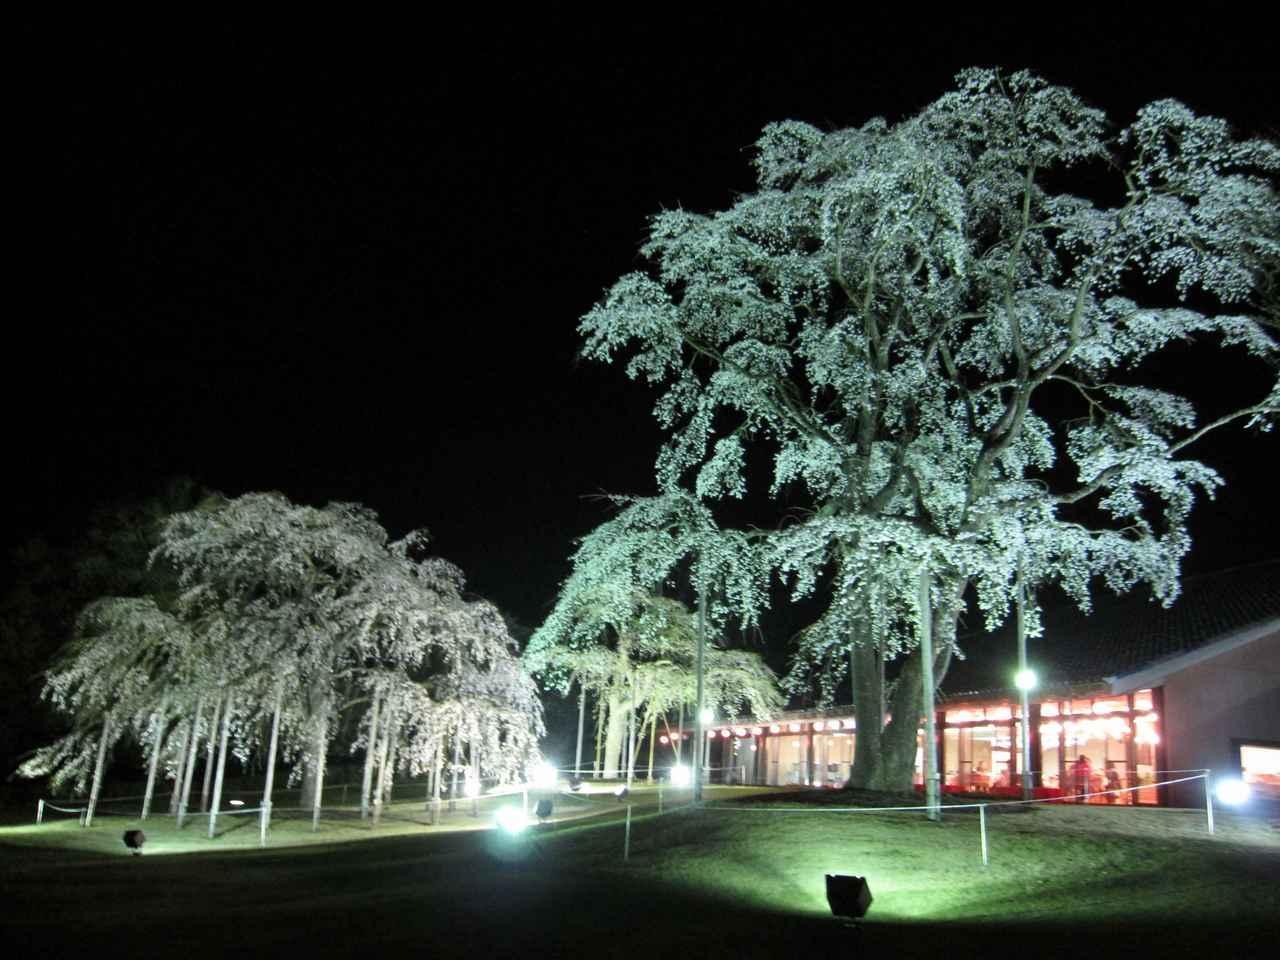 画像: ライトアップされた夜桜を見ながら食事を楽しんでもらうため、年1回夜の営業を実施。高齢の人気行事になっている